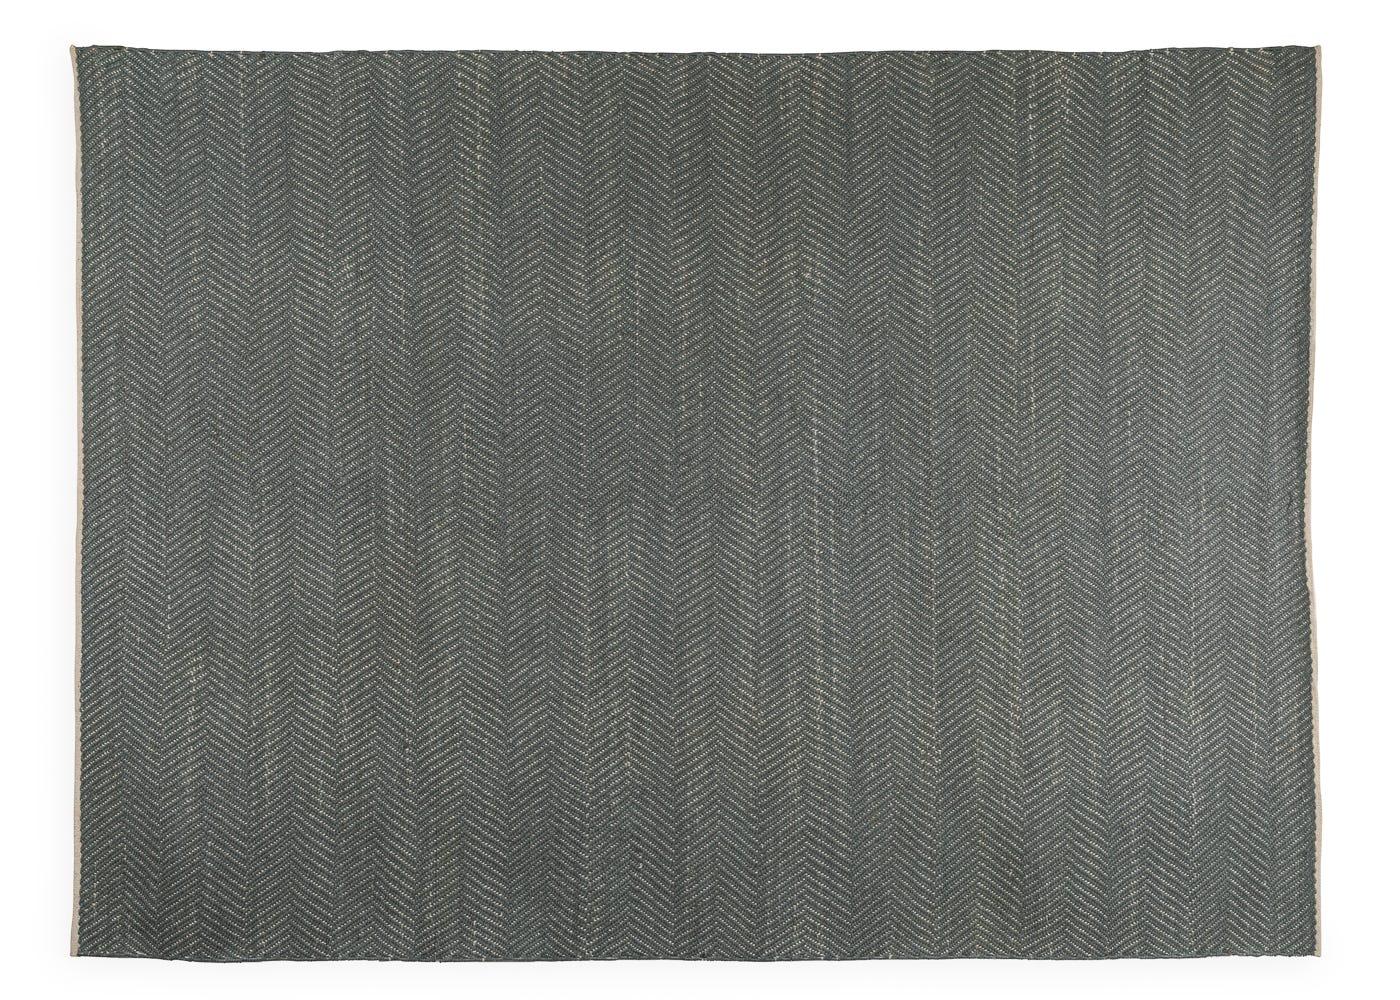 Linie Design Morini Rug Turquoise 140cm x 200cm